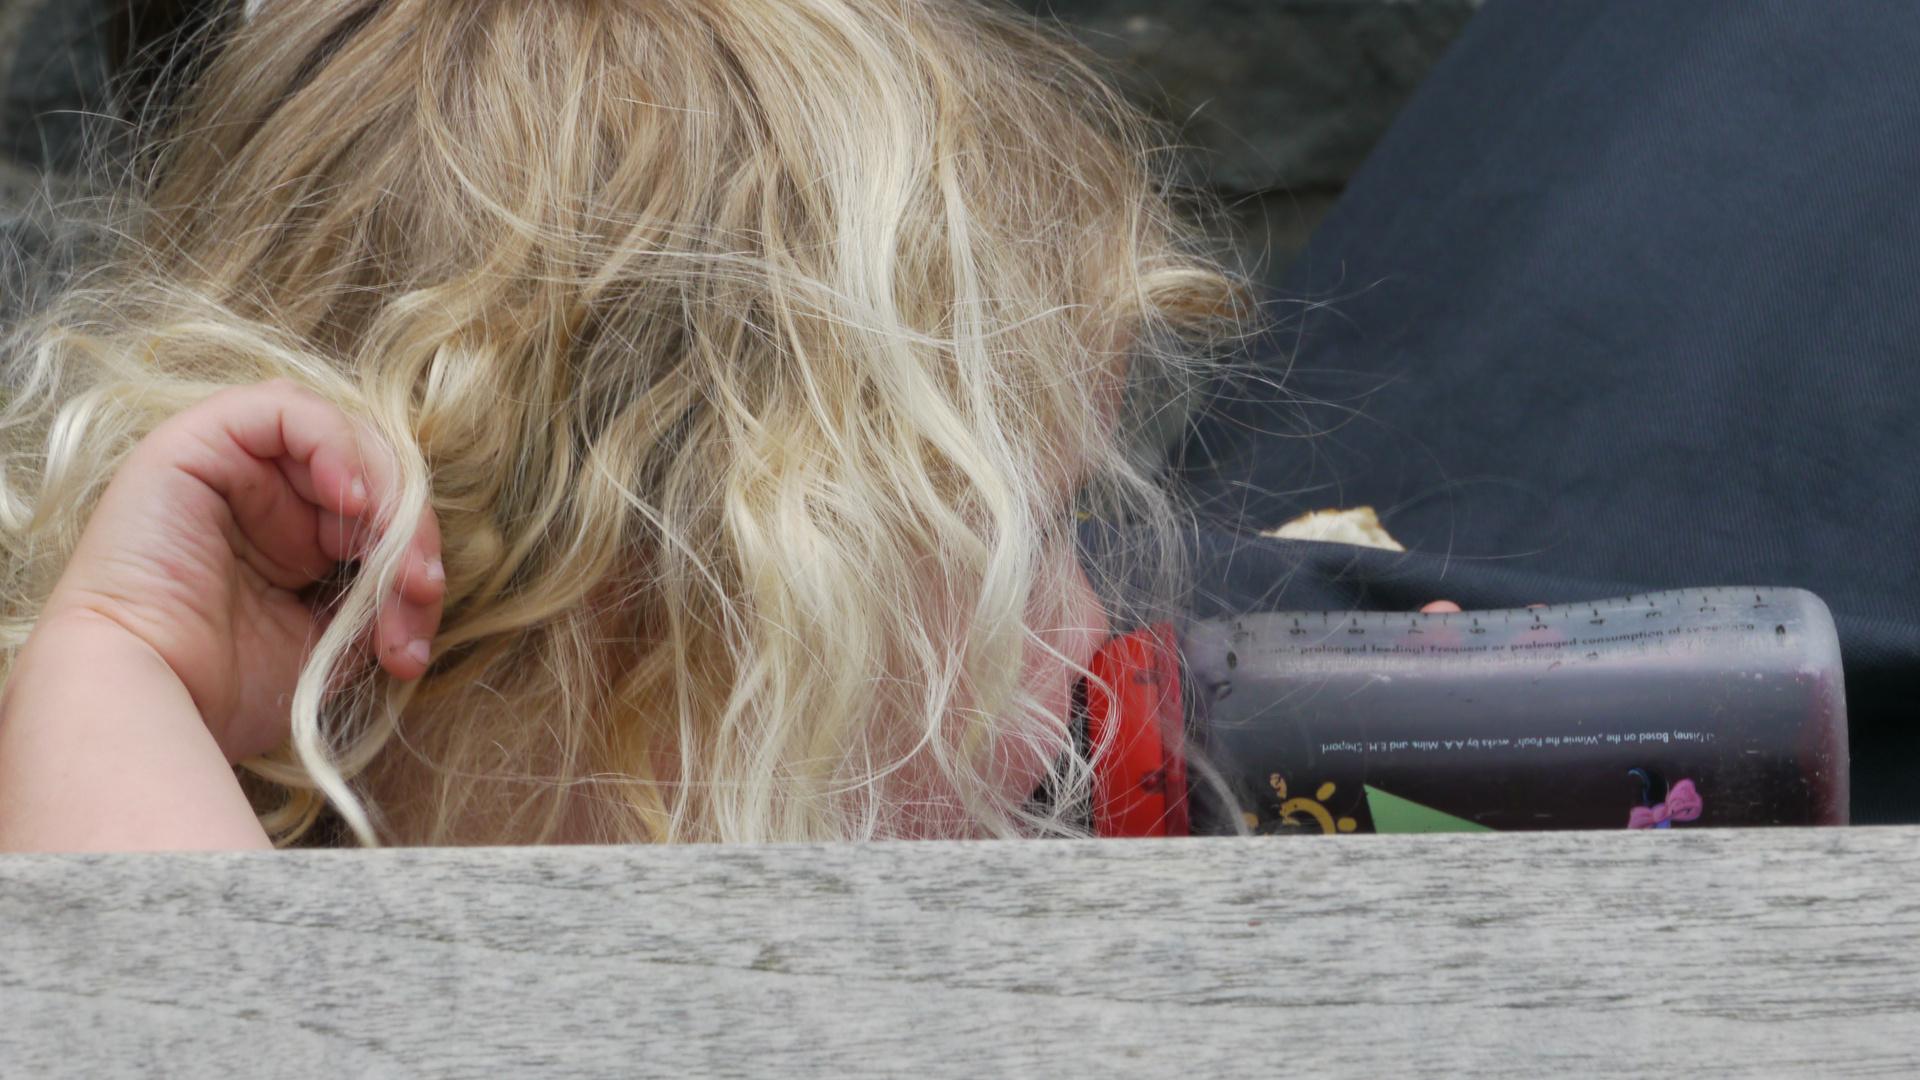 Die Flasche mit den blonden Locken